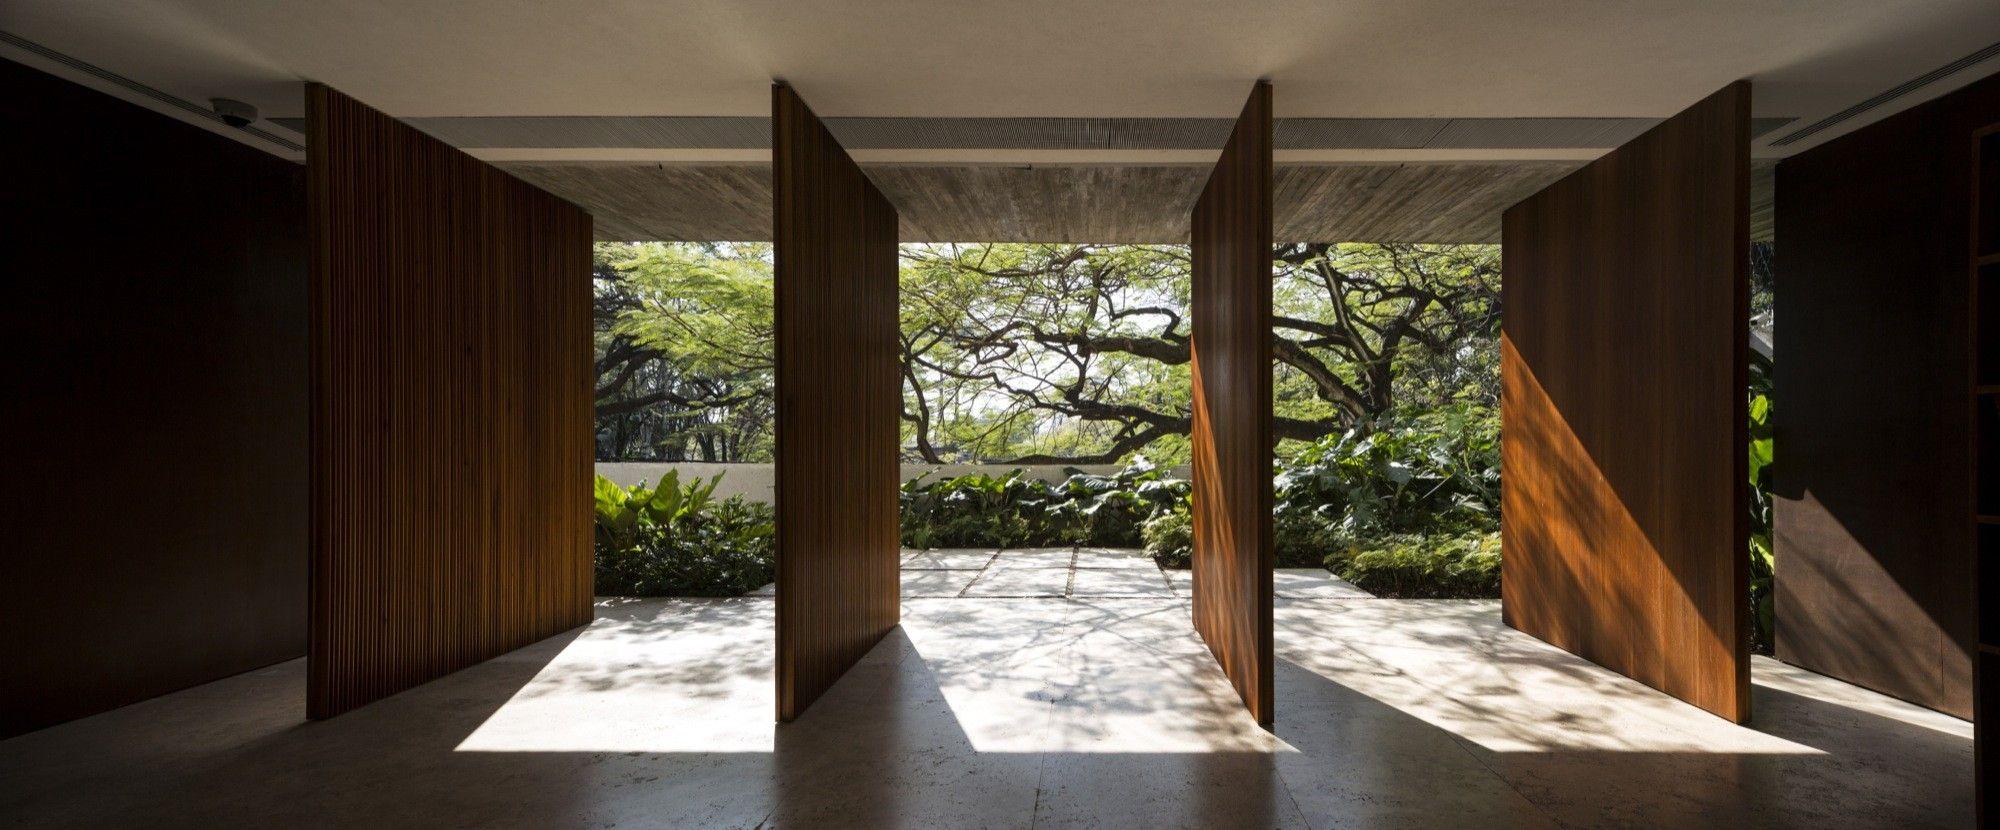 Gallery - Ipes House / Studio MK27 - Marcio Kogan + Lair Reis - 28